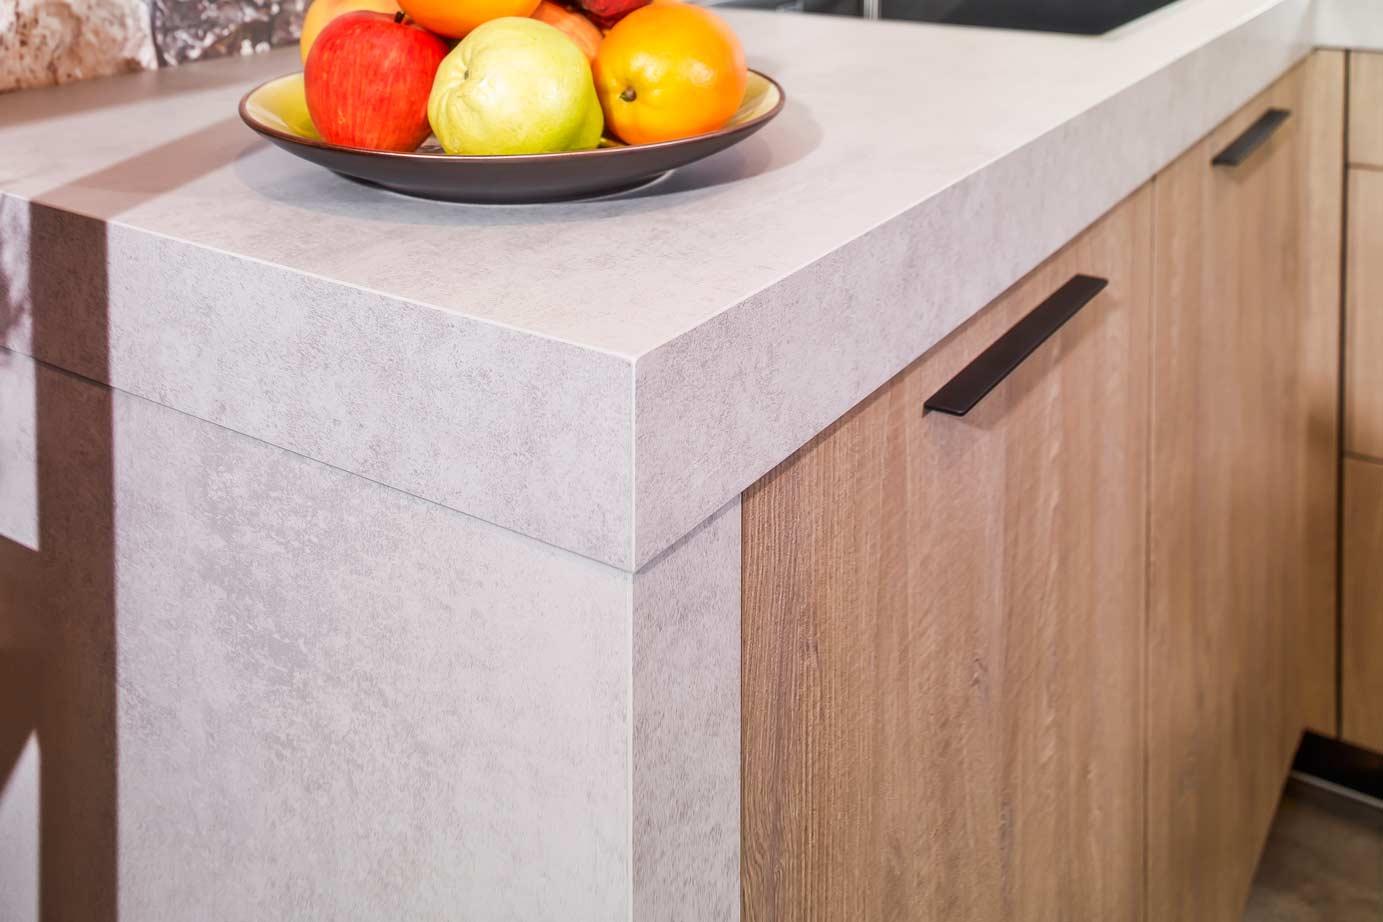 Grey Keuken Houten : Industriële houten keuken bekijk foto s en prijzen db keukens